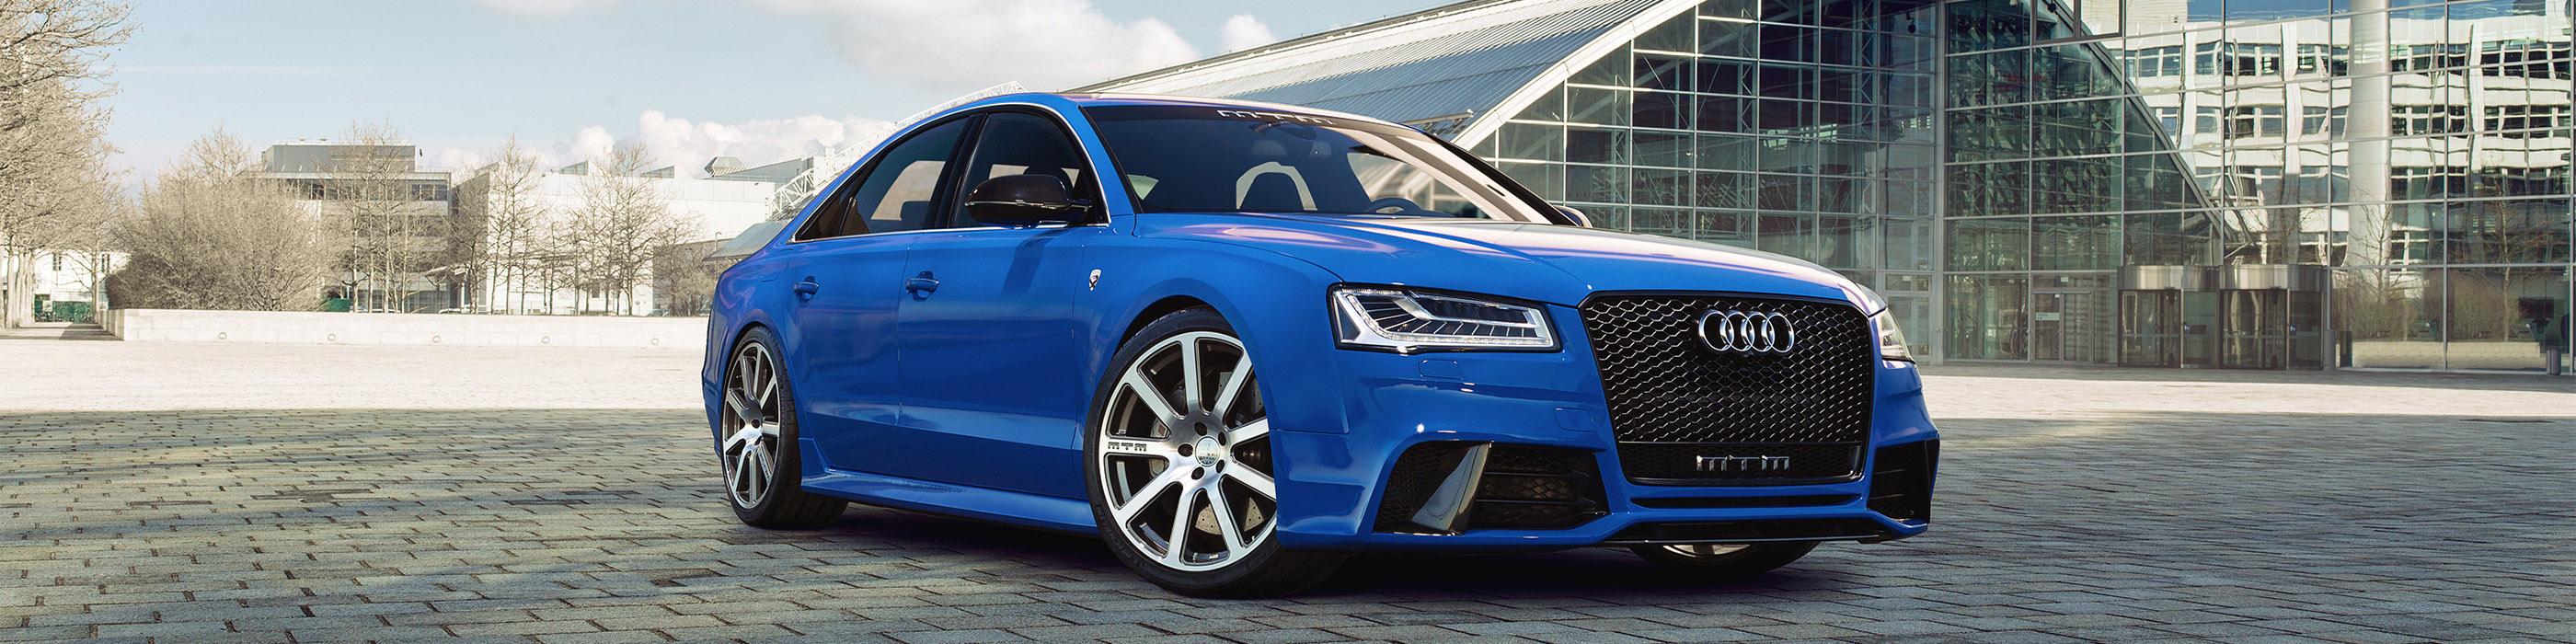 Autohaus Leikeim Marktzeuln Tuning - Leistungssteigerung Audi